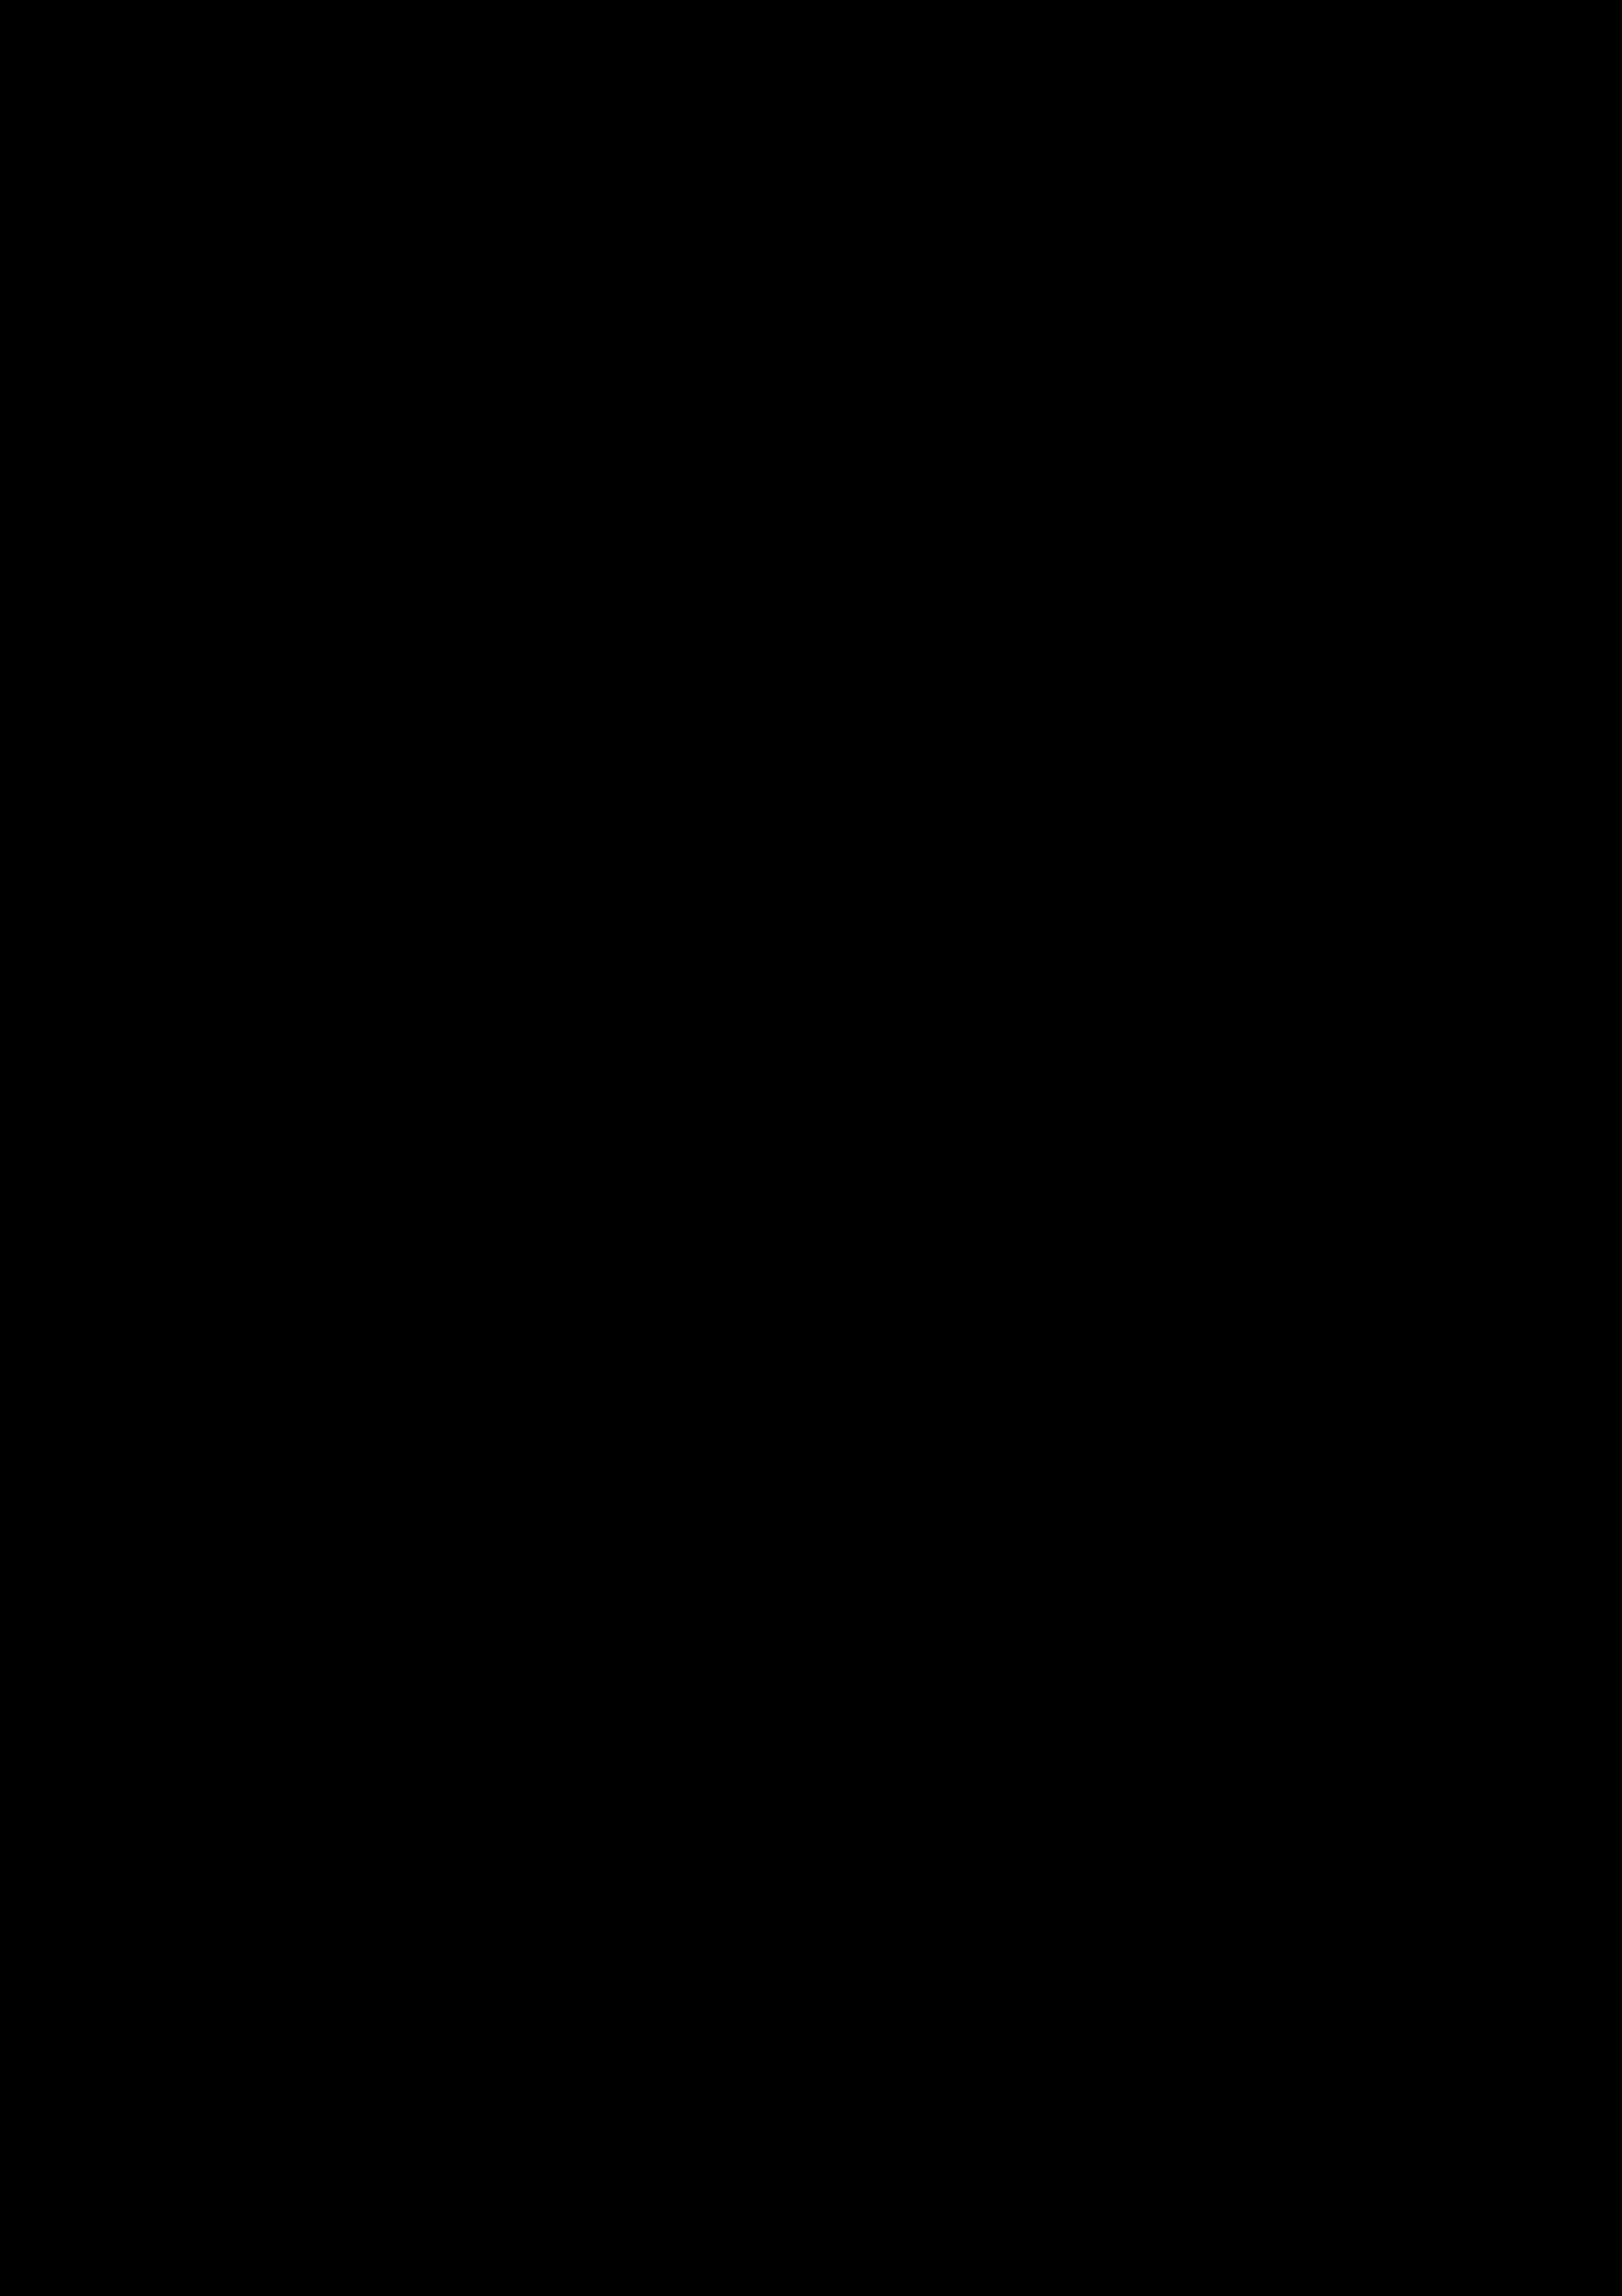 A1: Bedingungsloses Mindesthirn für alle!